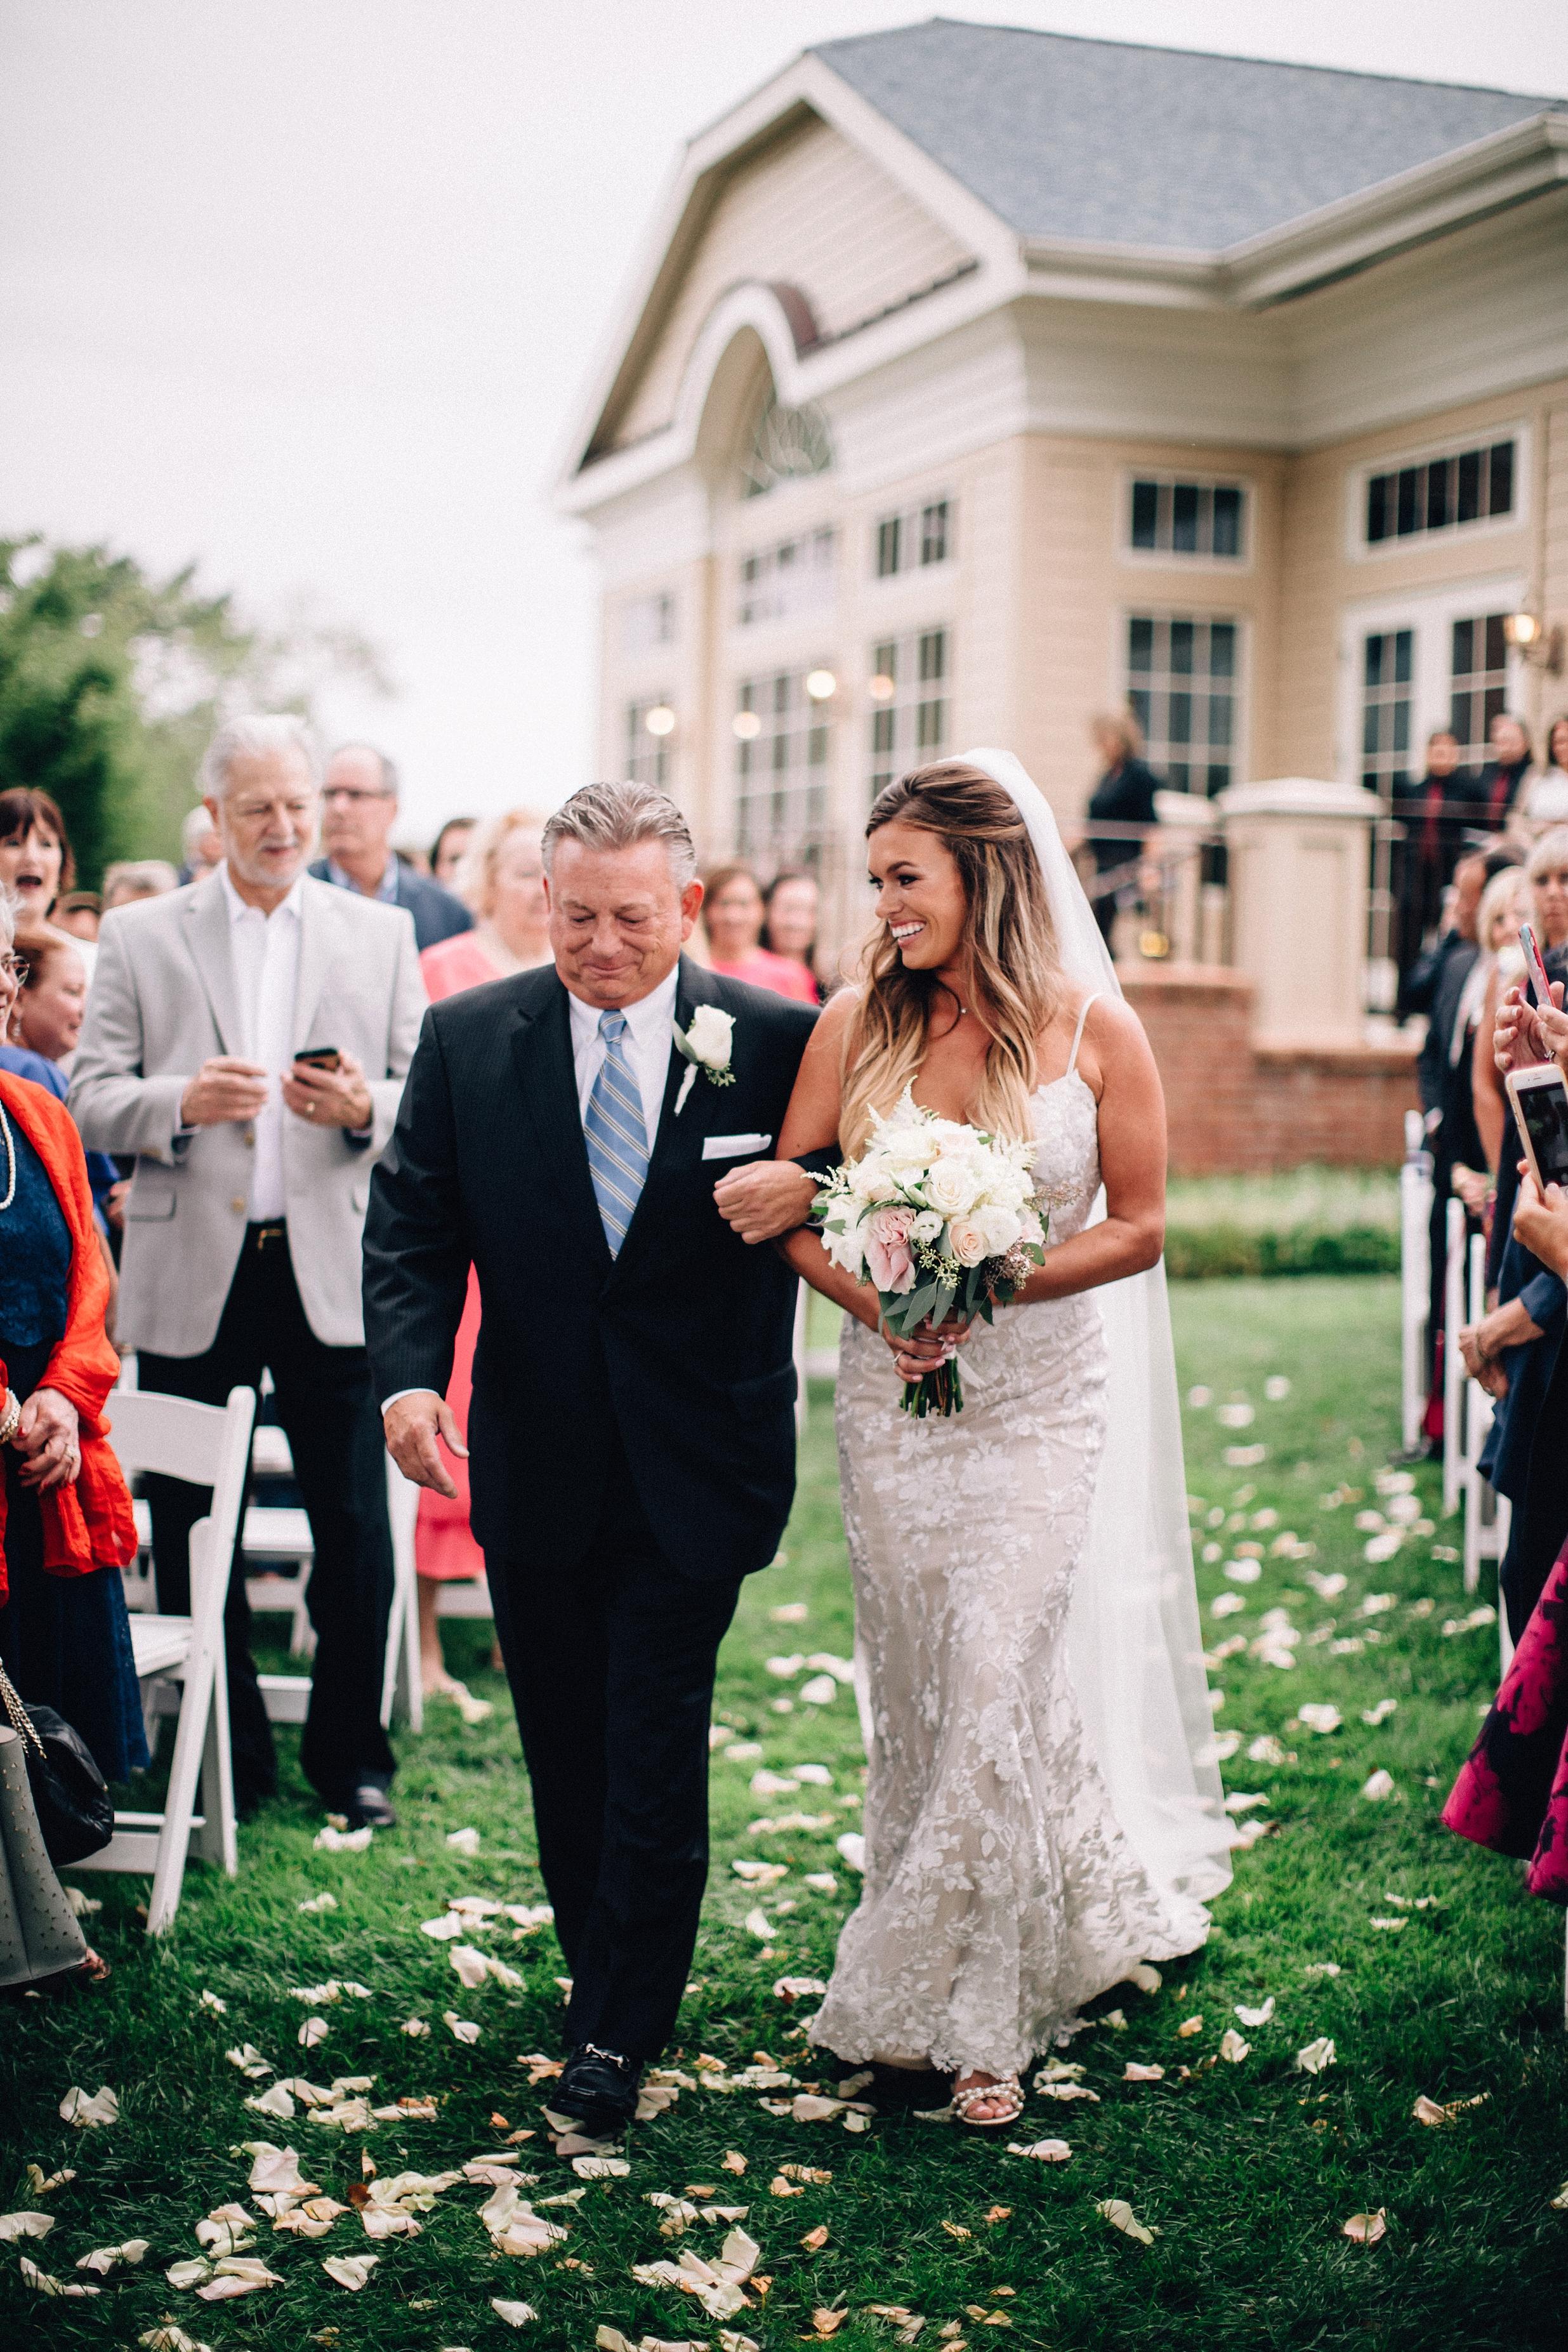 jersey-outdoor-ceremony-wedding-navasink-monmouth-rumson_0040.jpg